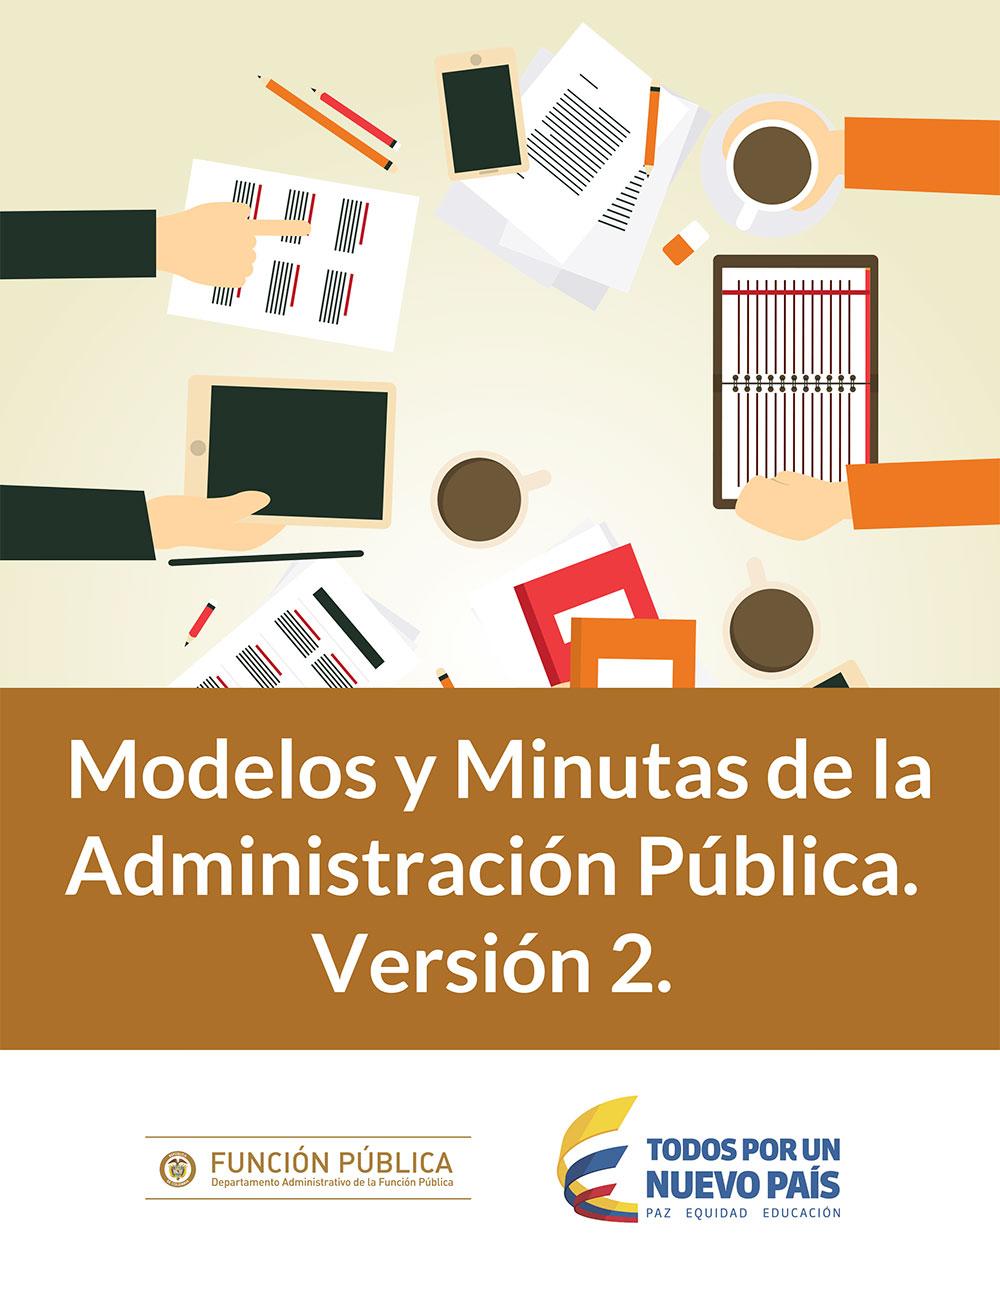 Modelos y Minutas de la Administración Pública